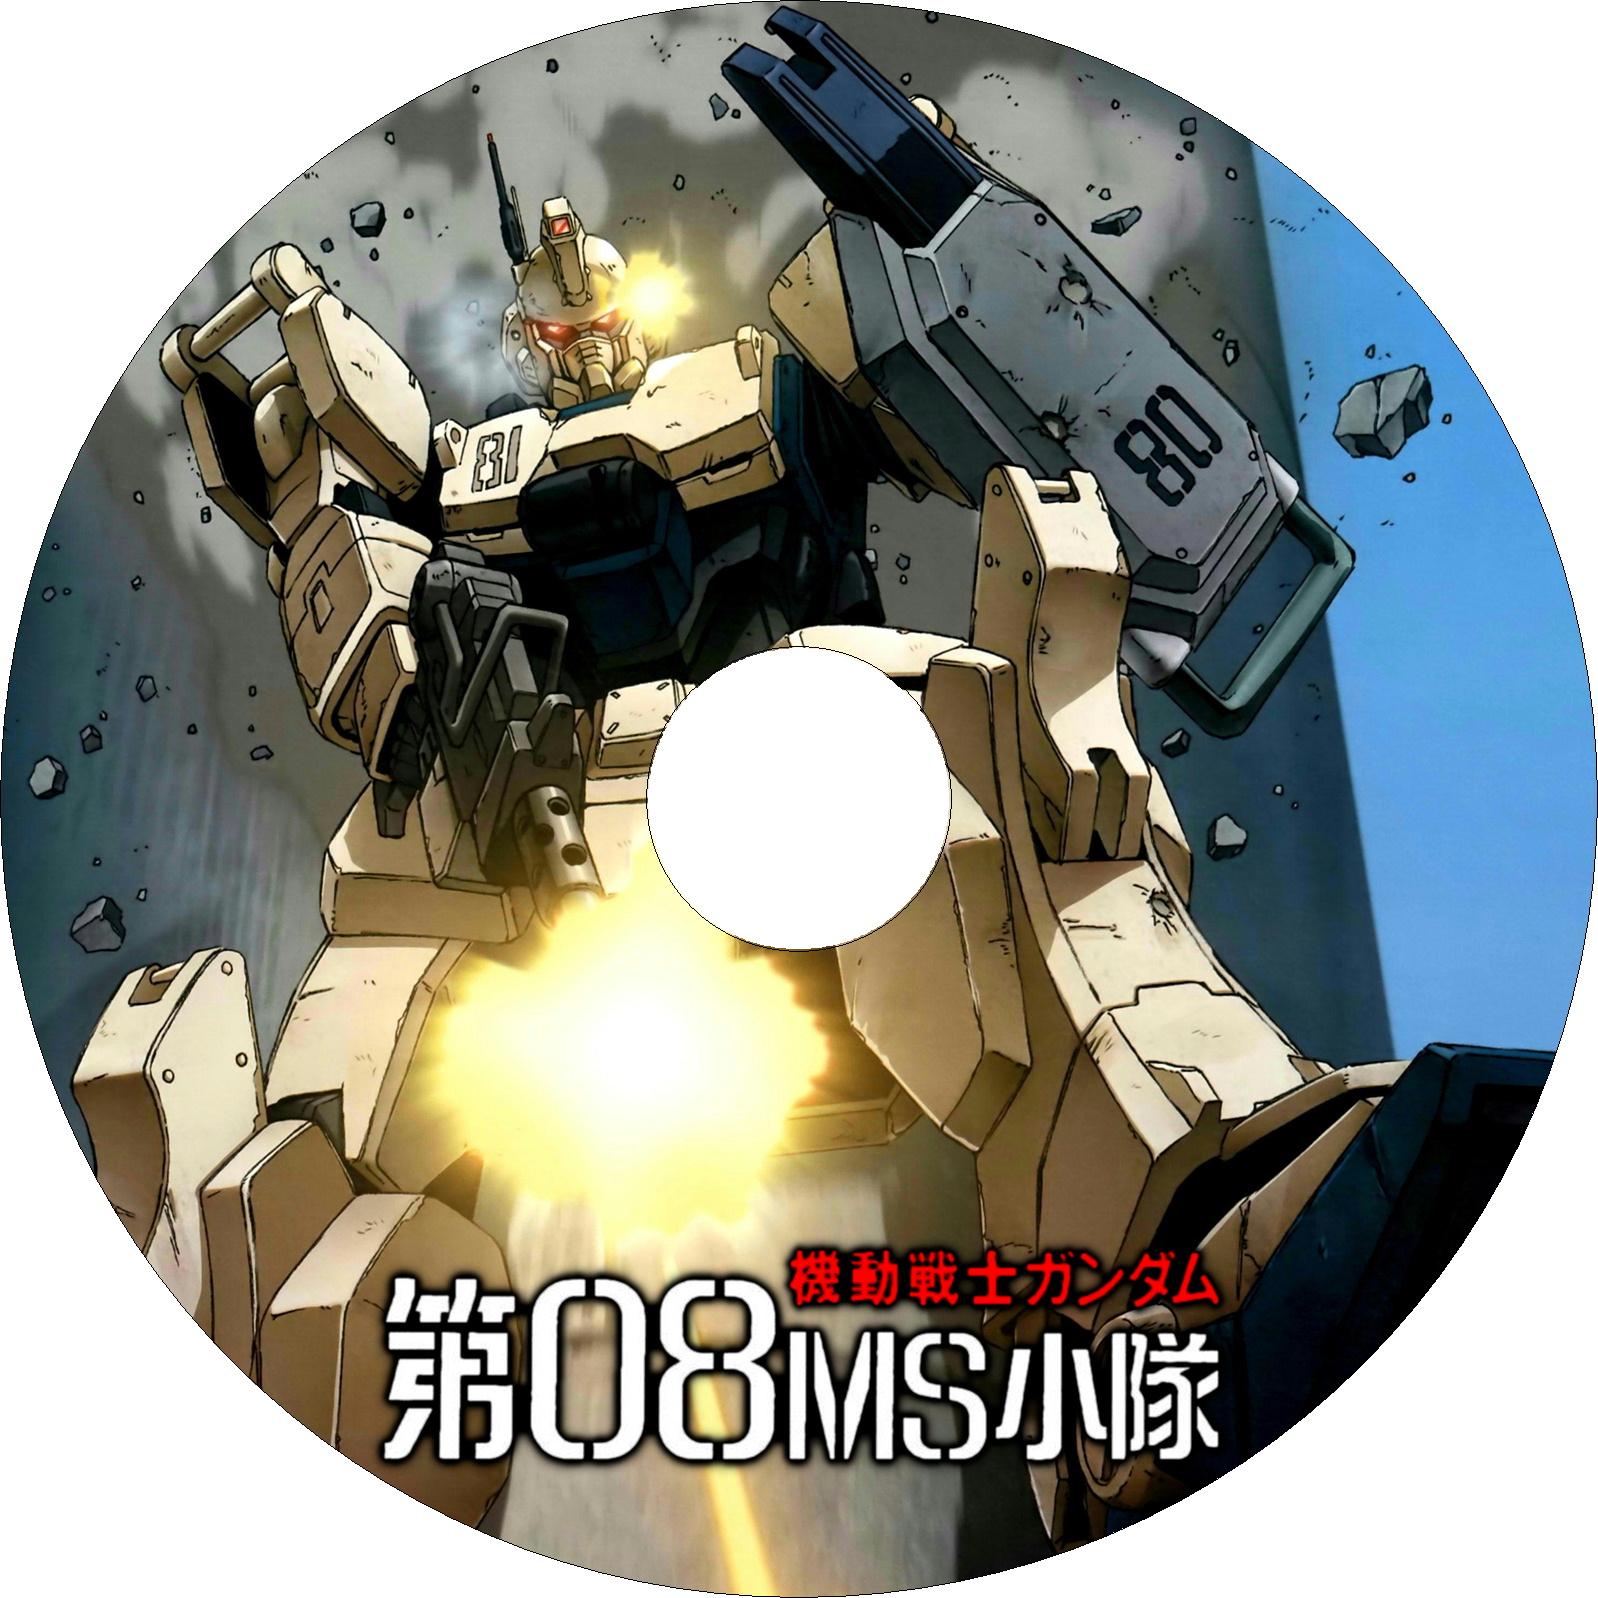 機動戦士ガンダム 第08MS小隊 ラベル(汎用)3改